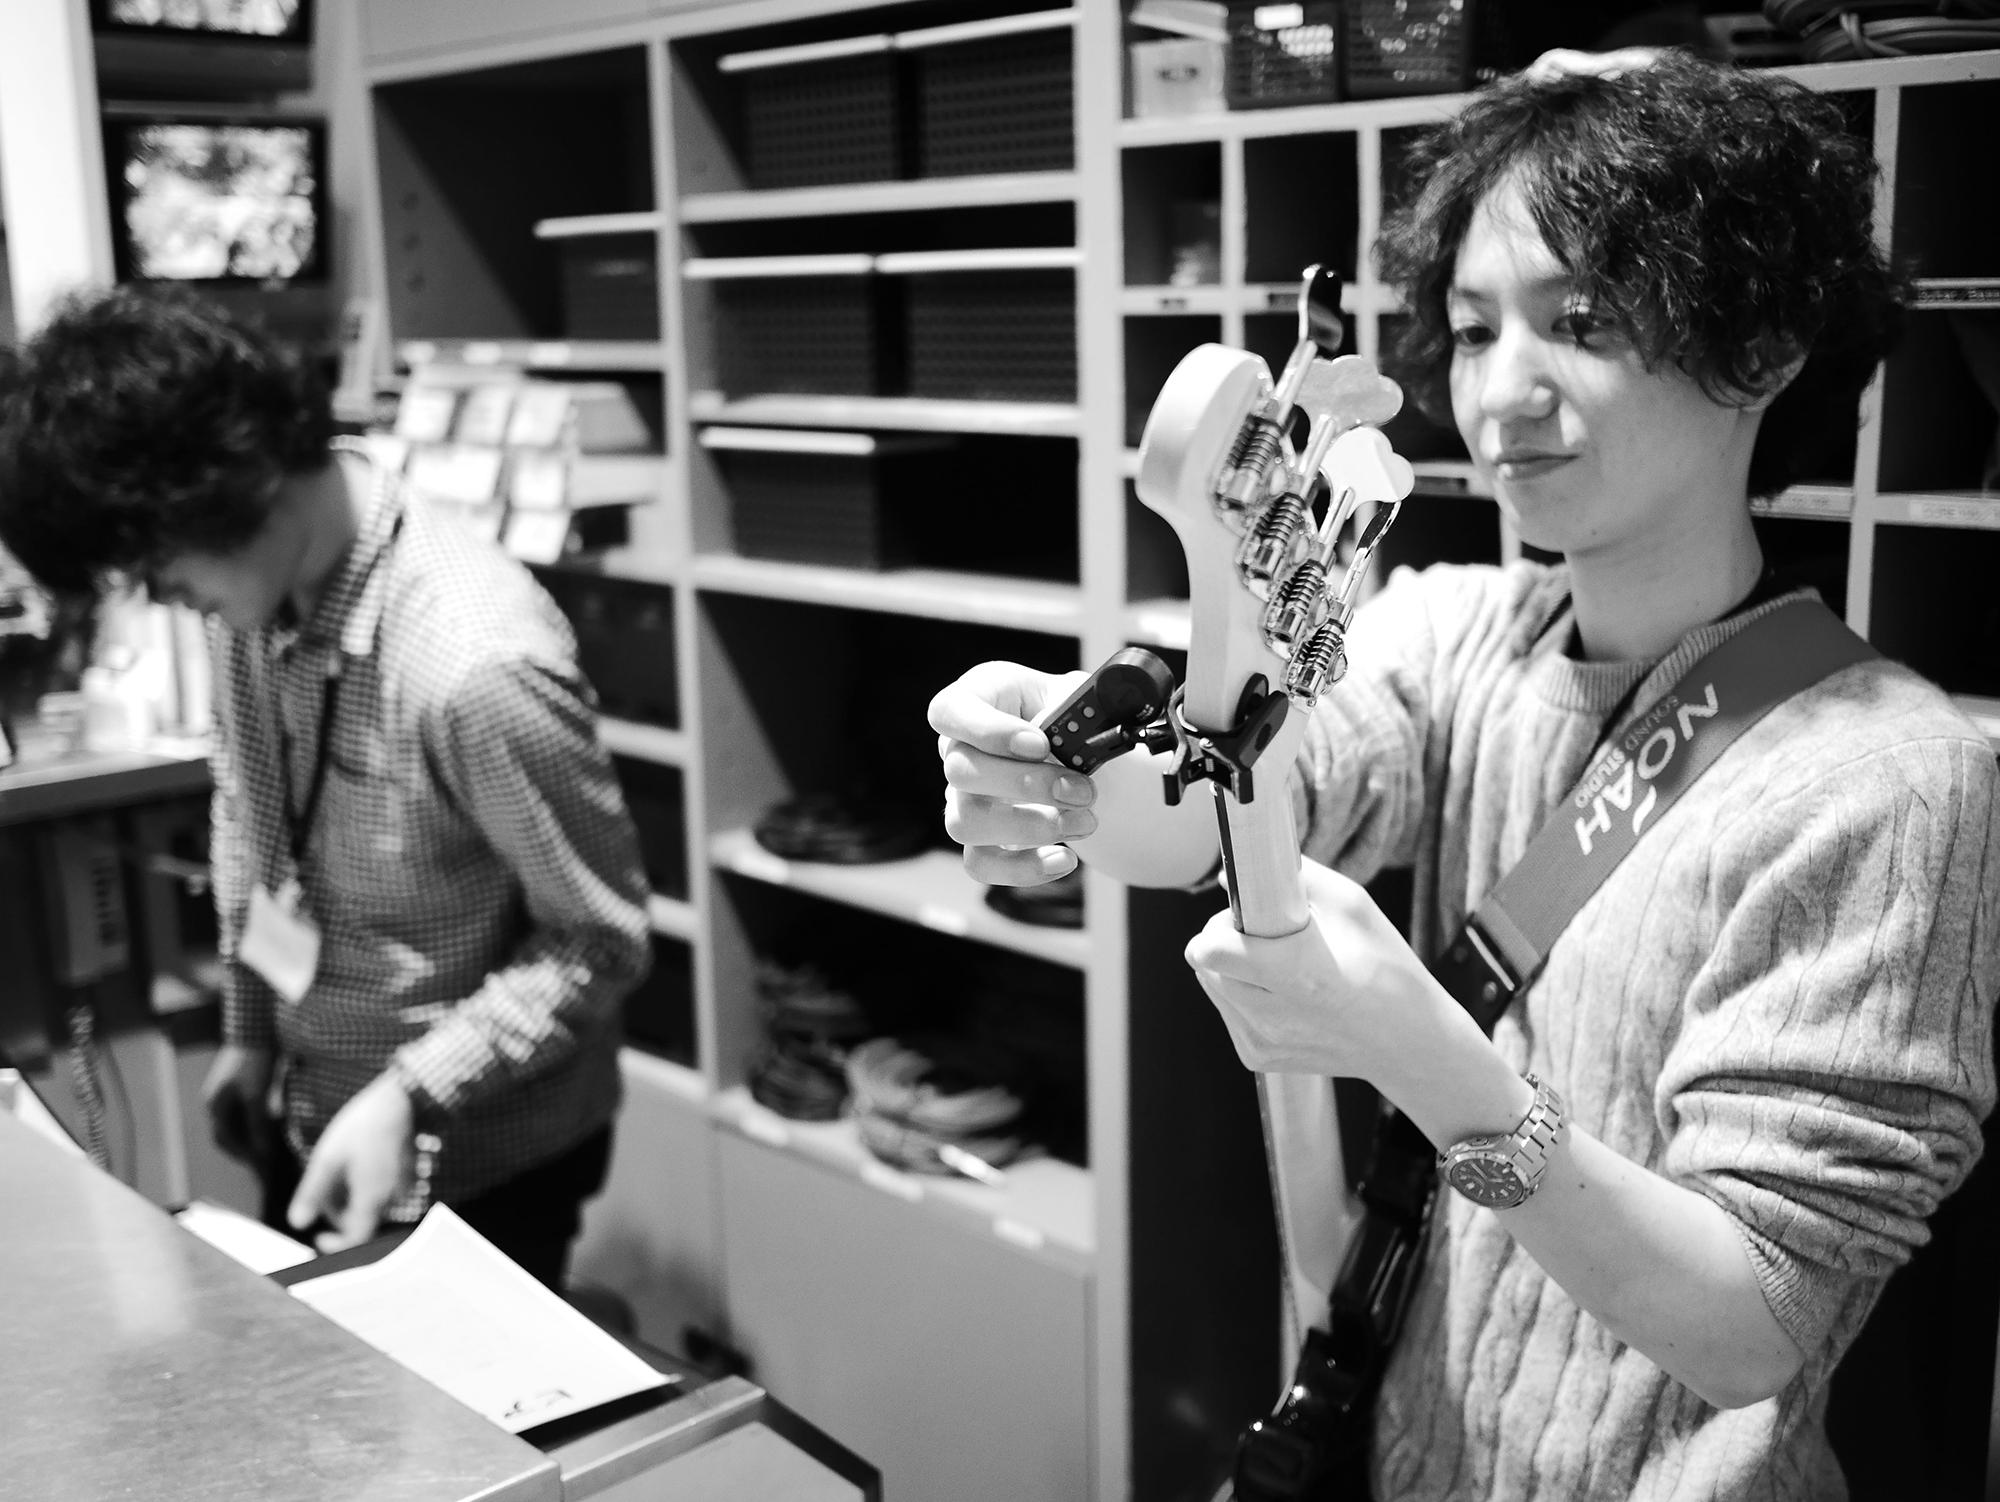 【音楽の仕事(東京都):中途採用】「好きなことでないとモチベーションが上がらない」